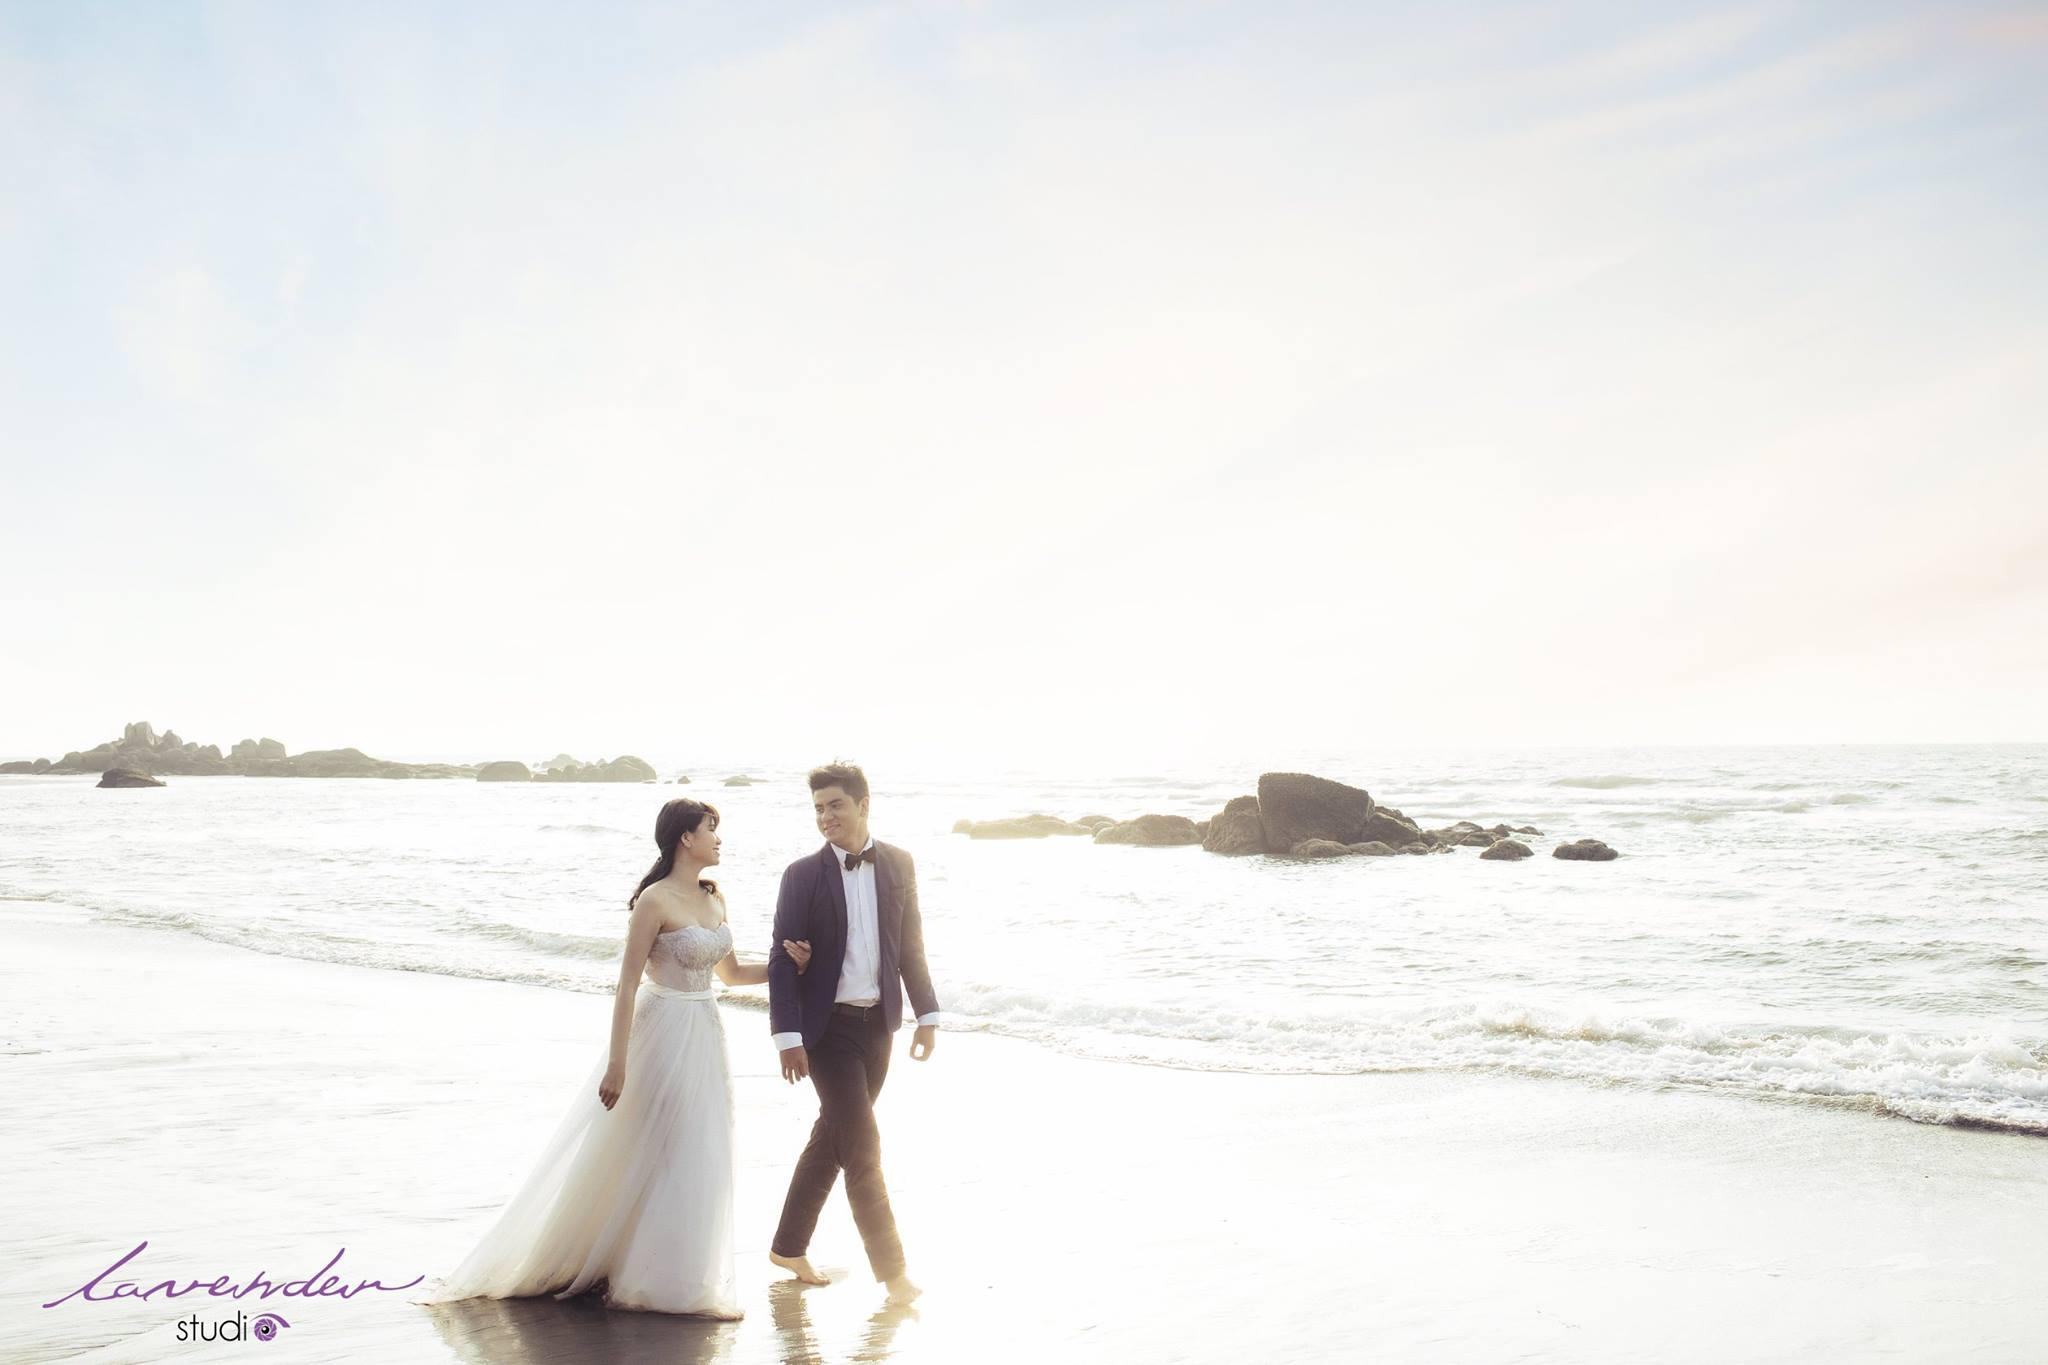 studio chụp hình cưới uy tín tphcm